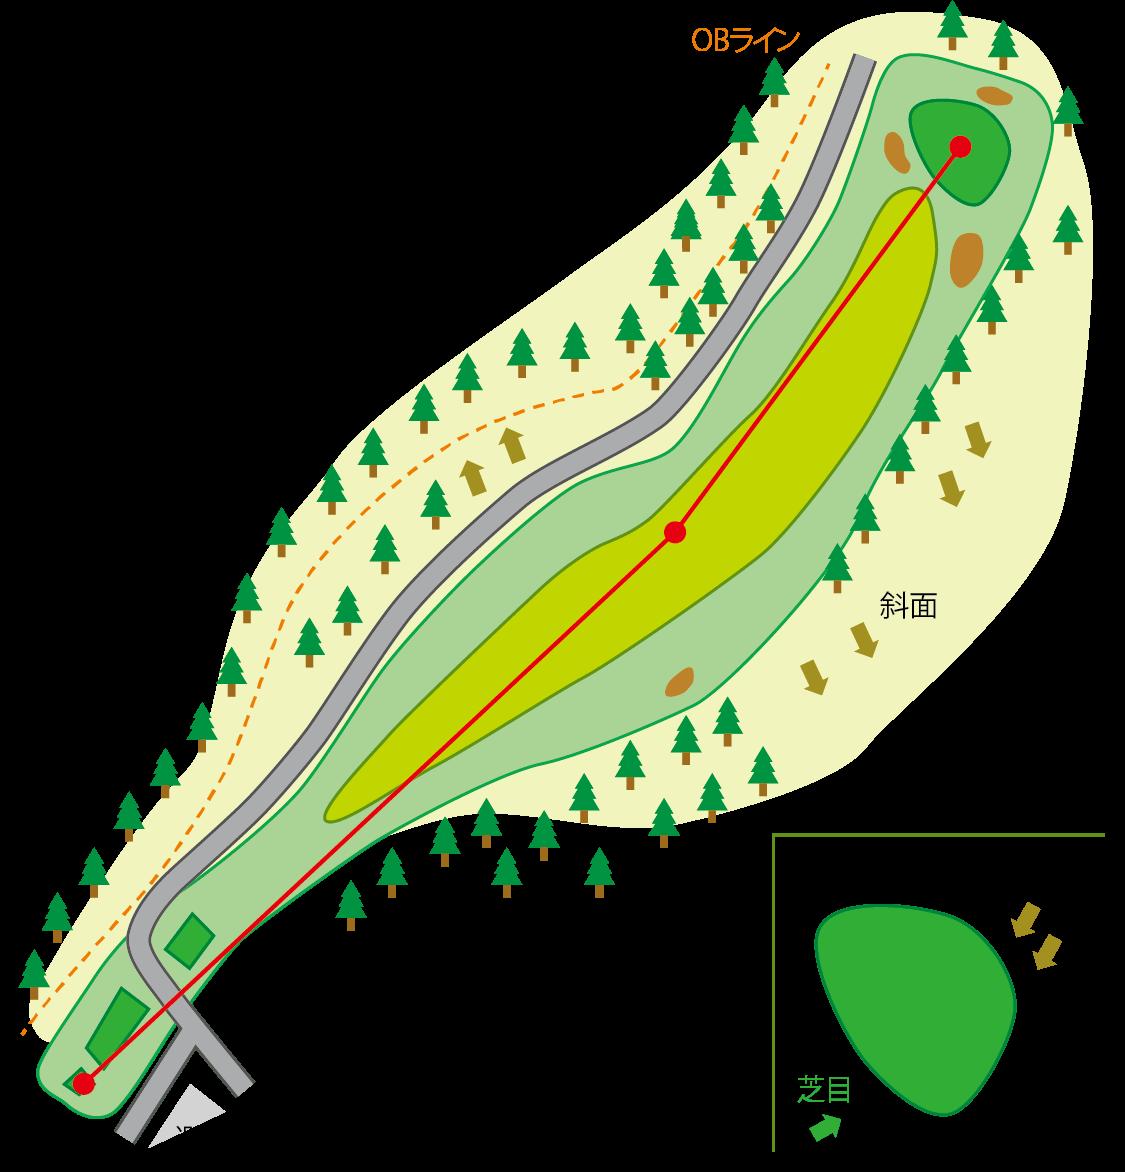 白鳥コース HOLE2のコースマップ